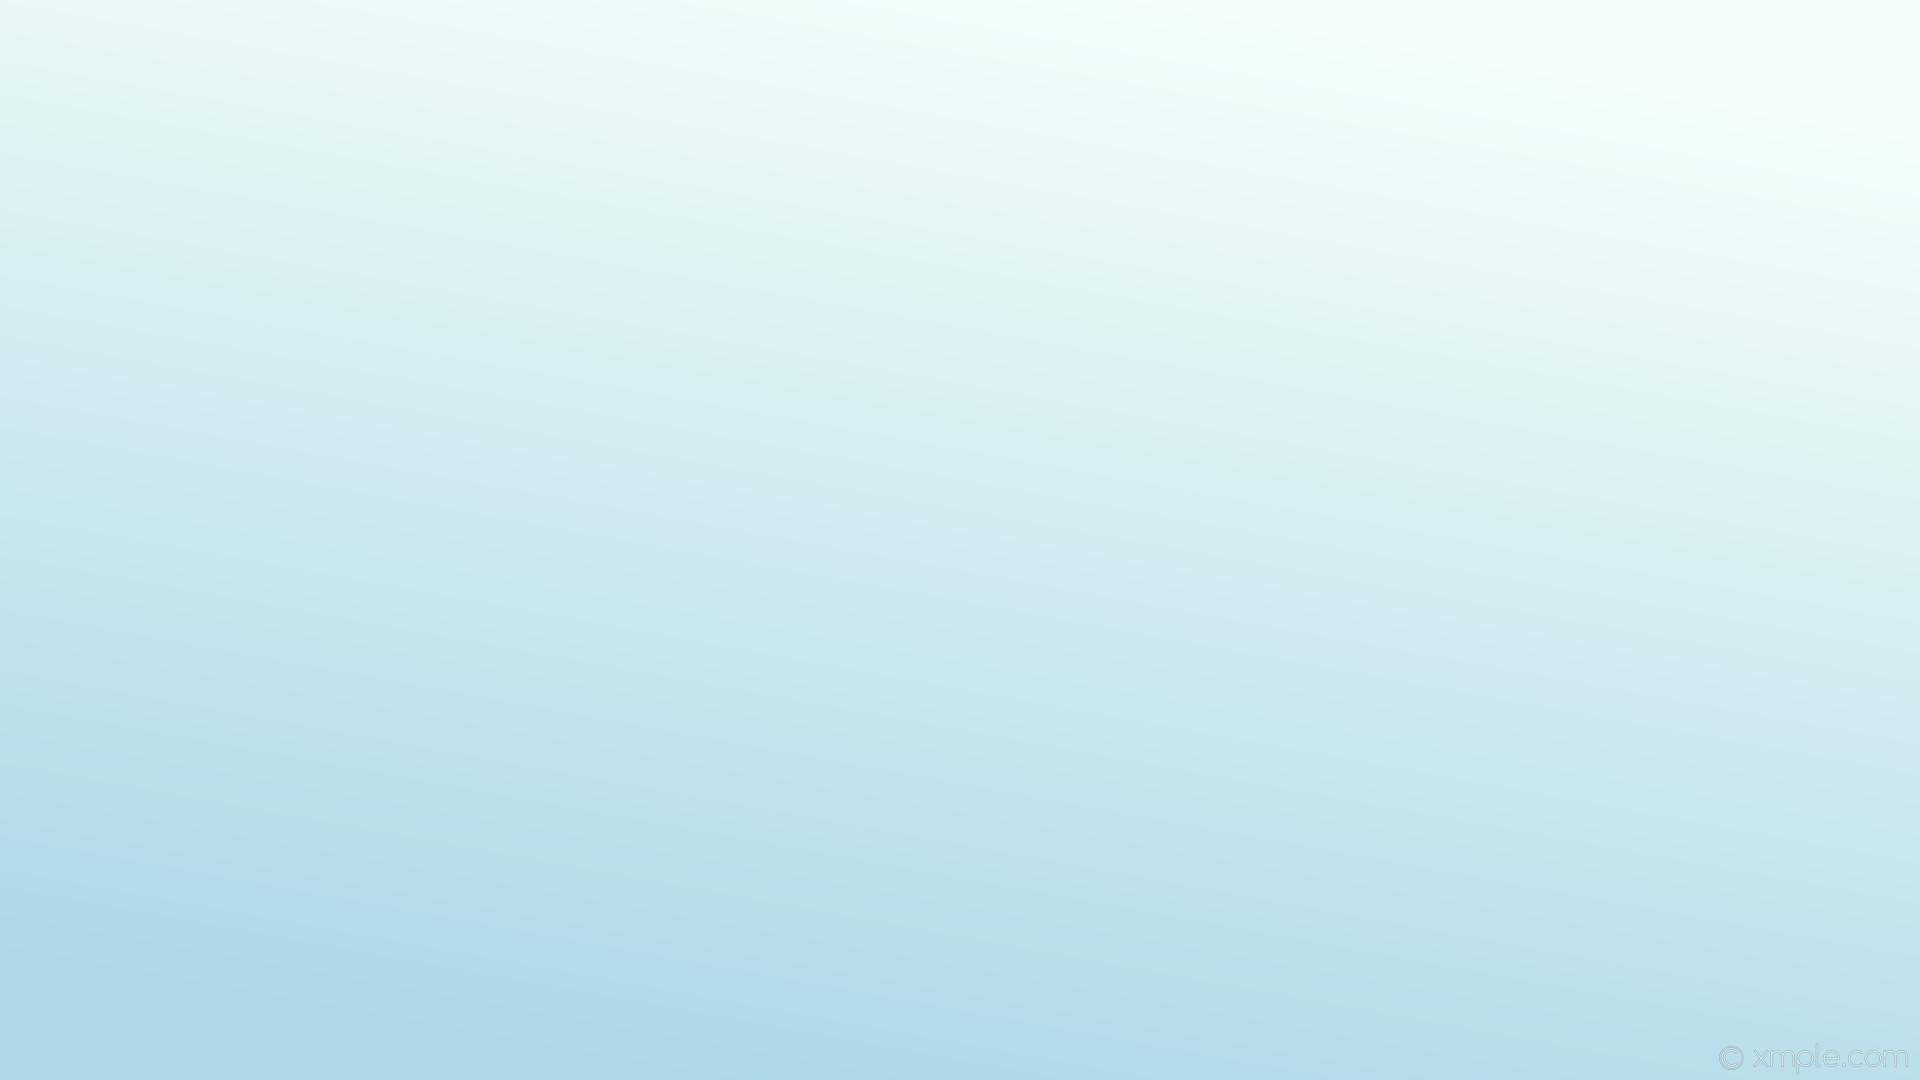 wallpaper linear blue gradient white mint cream light blue #f5fffa #add8e6  60°